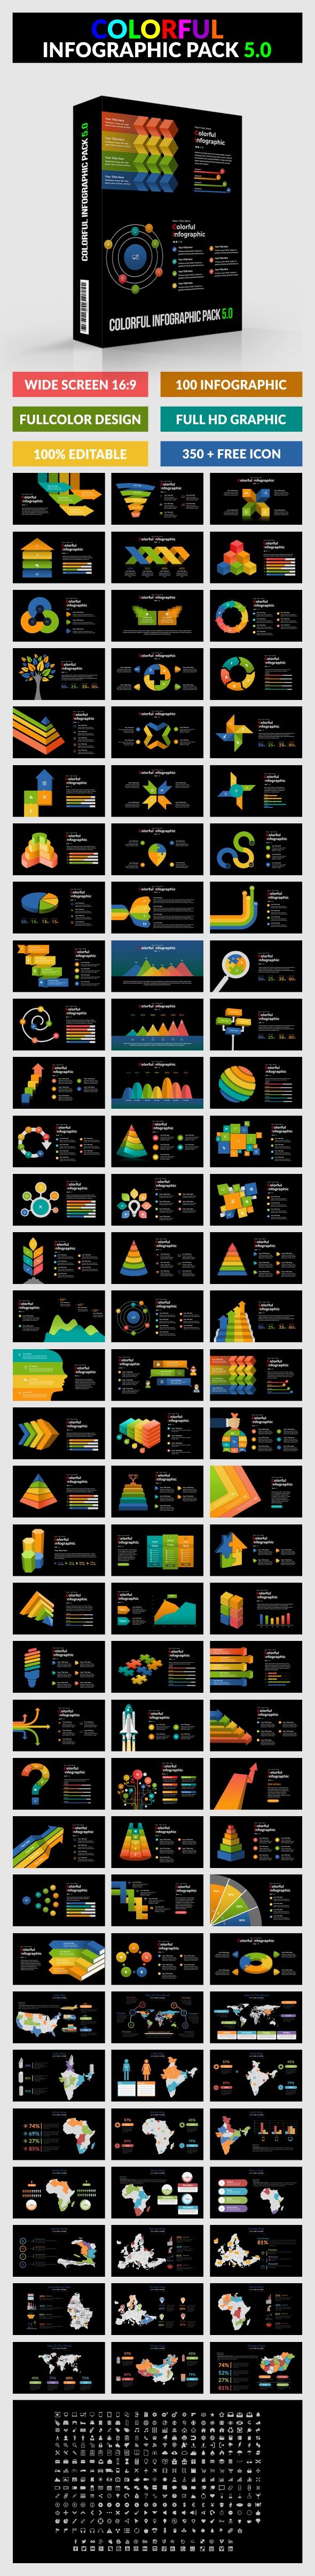 Colorful Infographic Pack 5.0 - Google Slides - Google Slides Presentation Templates